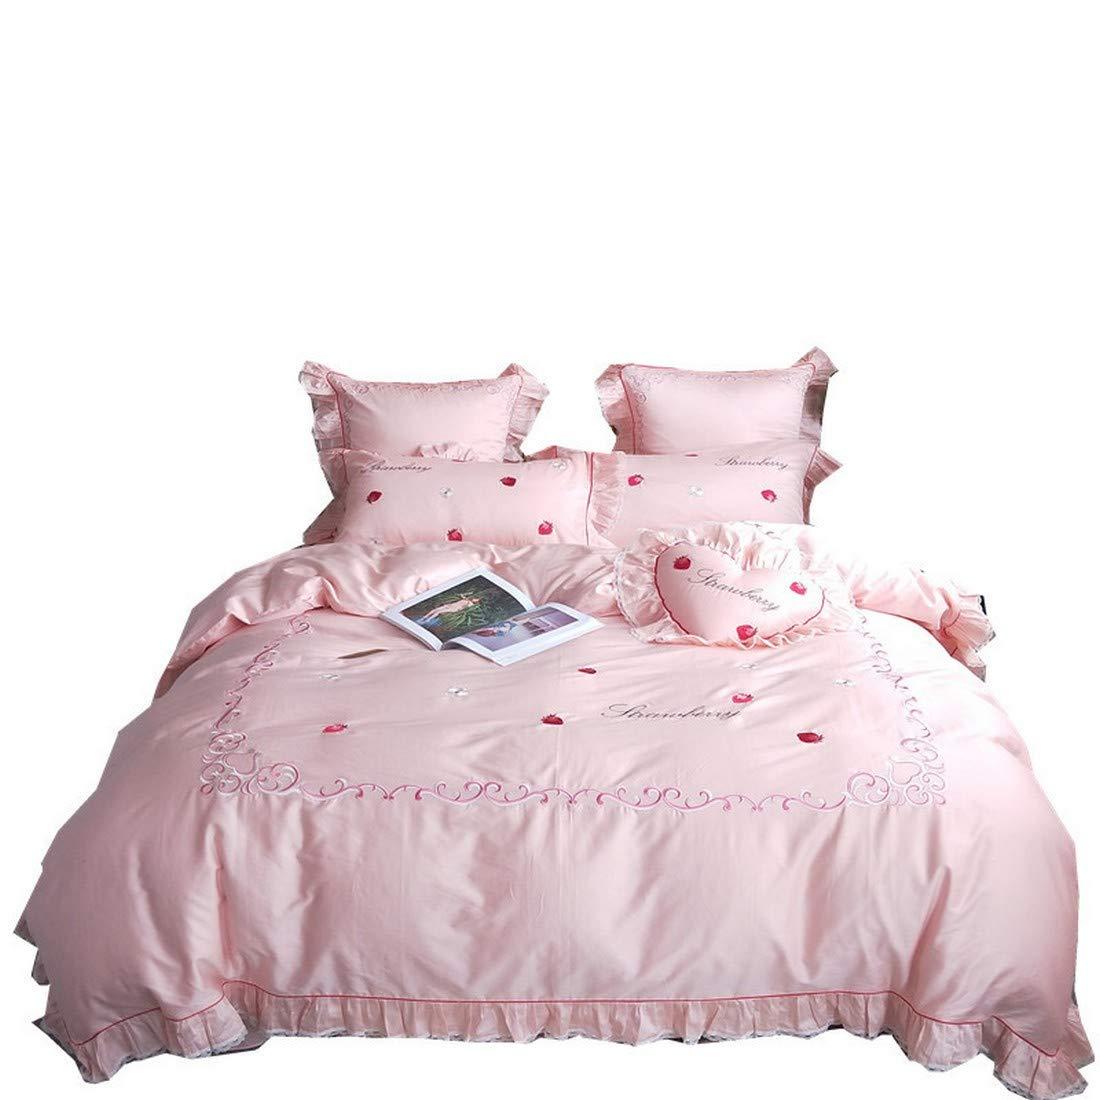 Koloeplf ピンクのストロベリー刺繍プリンセススタイルピュアコットンゴンサテンロングステープルコットン寝具セット (Size : QUEEN) B07NXQTRLV  Queen